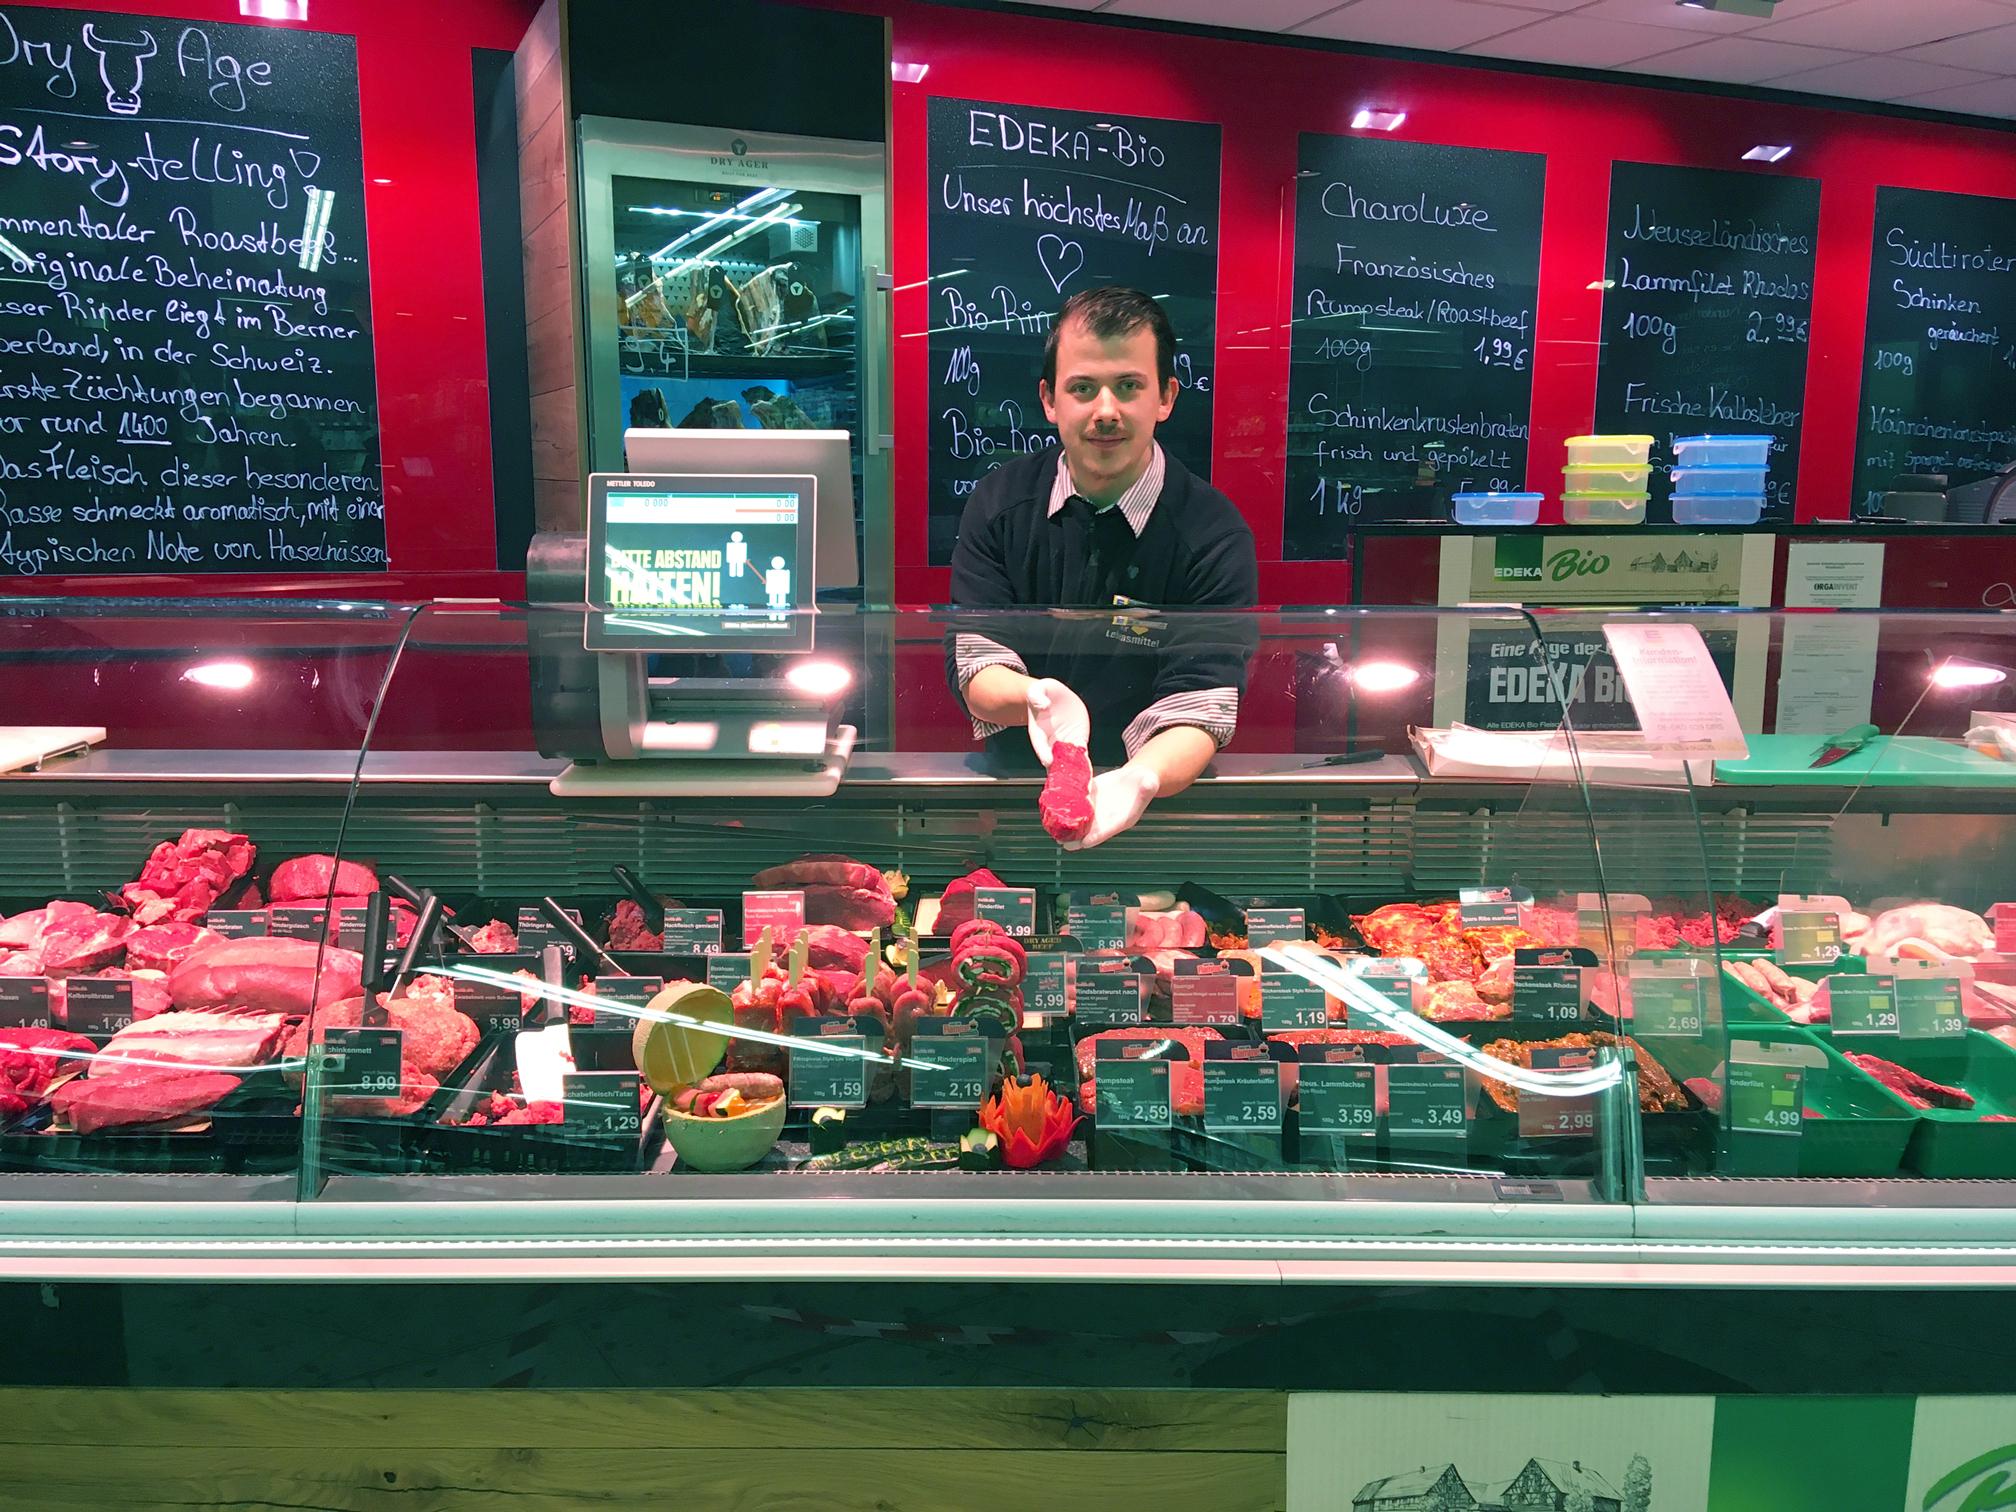 Fleisch Frischethek ein Hannover bei EDEKA Durasin im Stadtteil List in Hannover